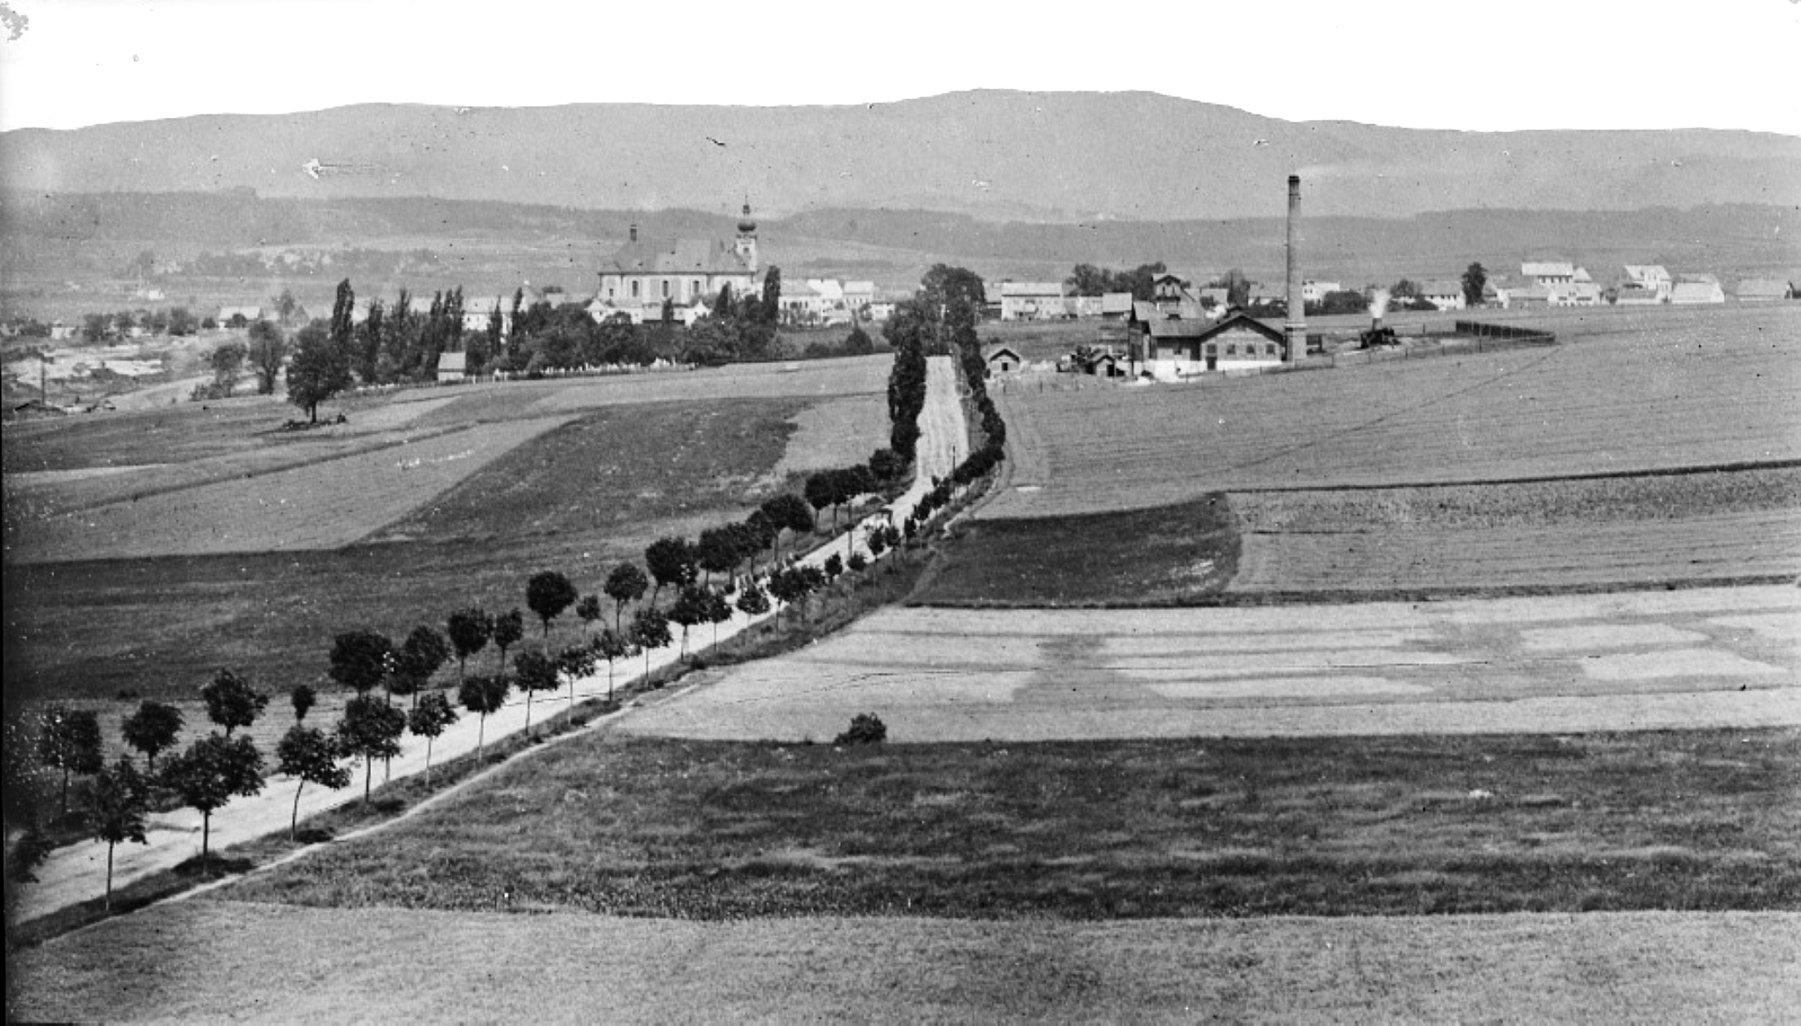 Sedlec (Karlovy Vary) / Zettlitz (Karlsbad), 1905